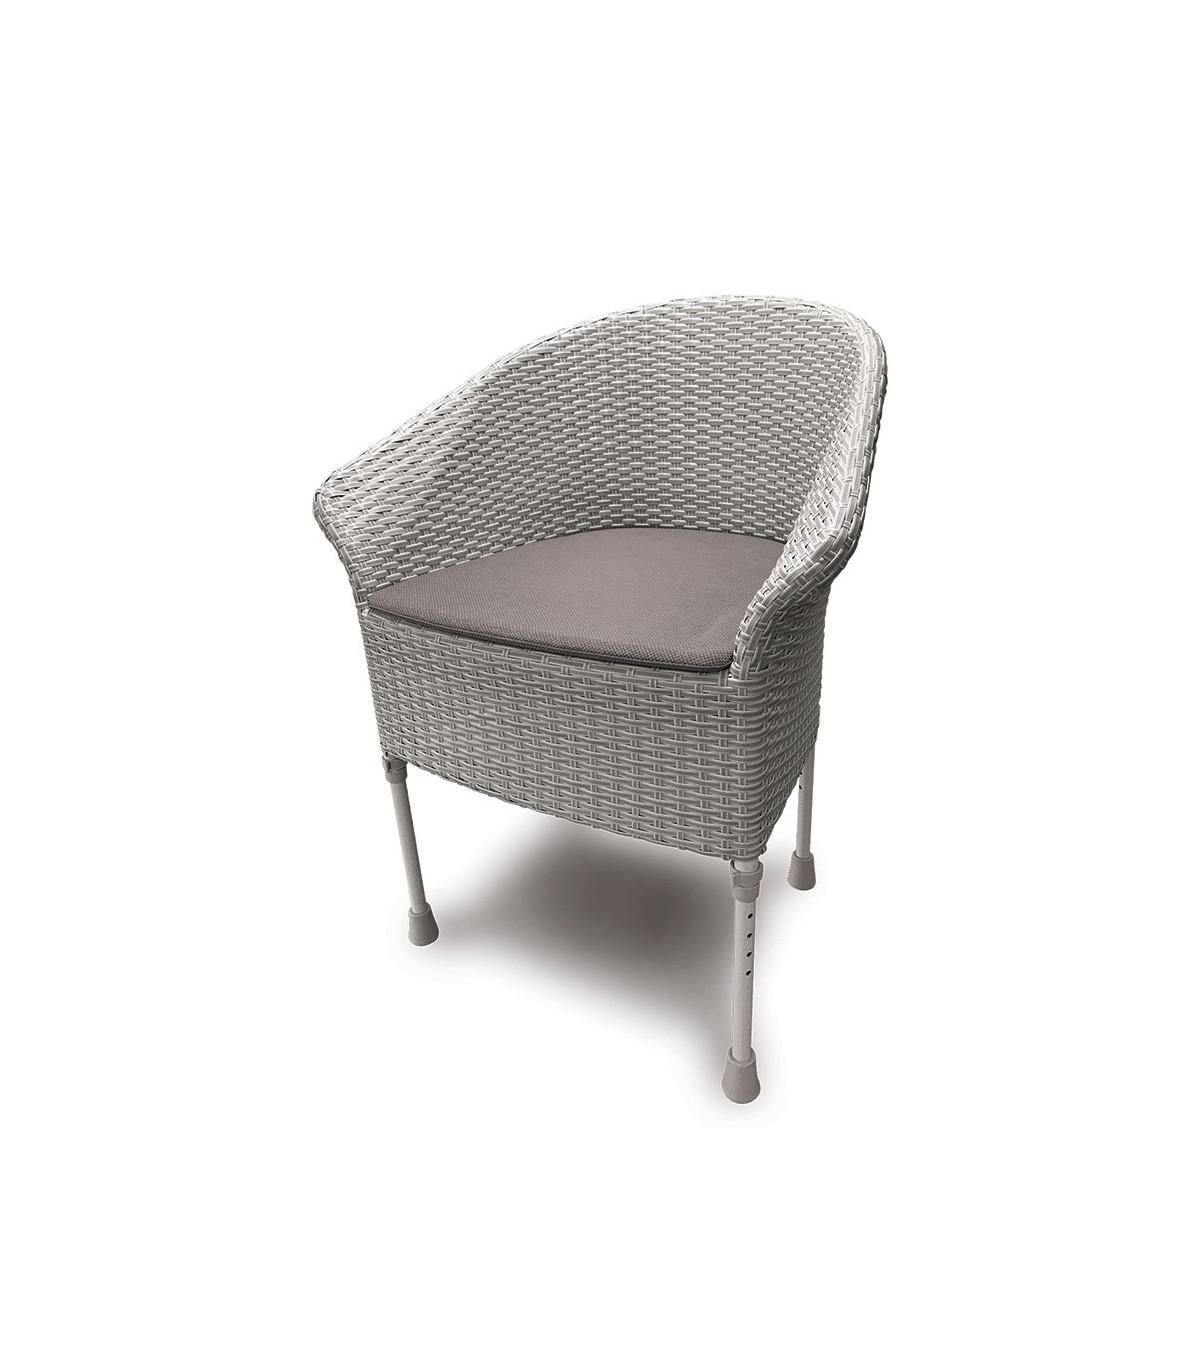 Comment Nettoyer Des Chaises En Plastique Blanc chaise percée walton - toilette - médical domicile